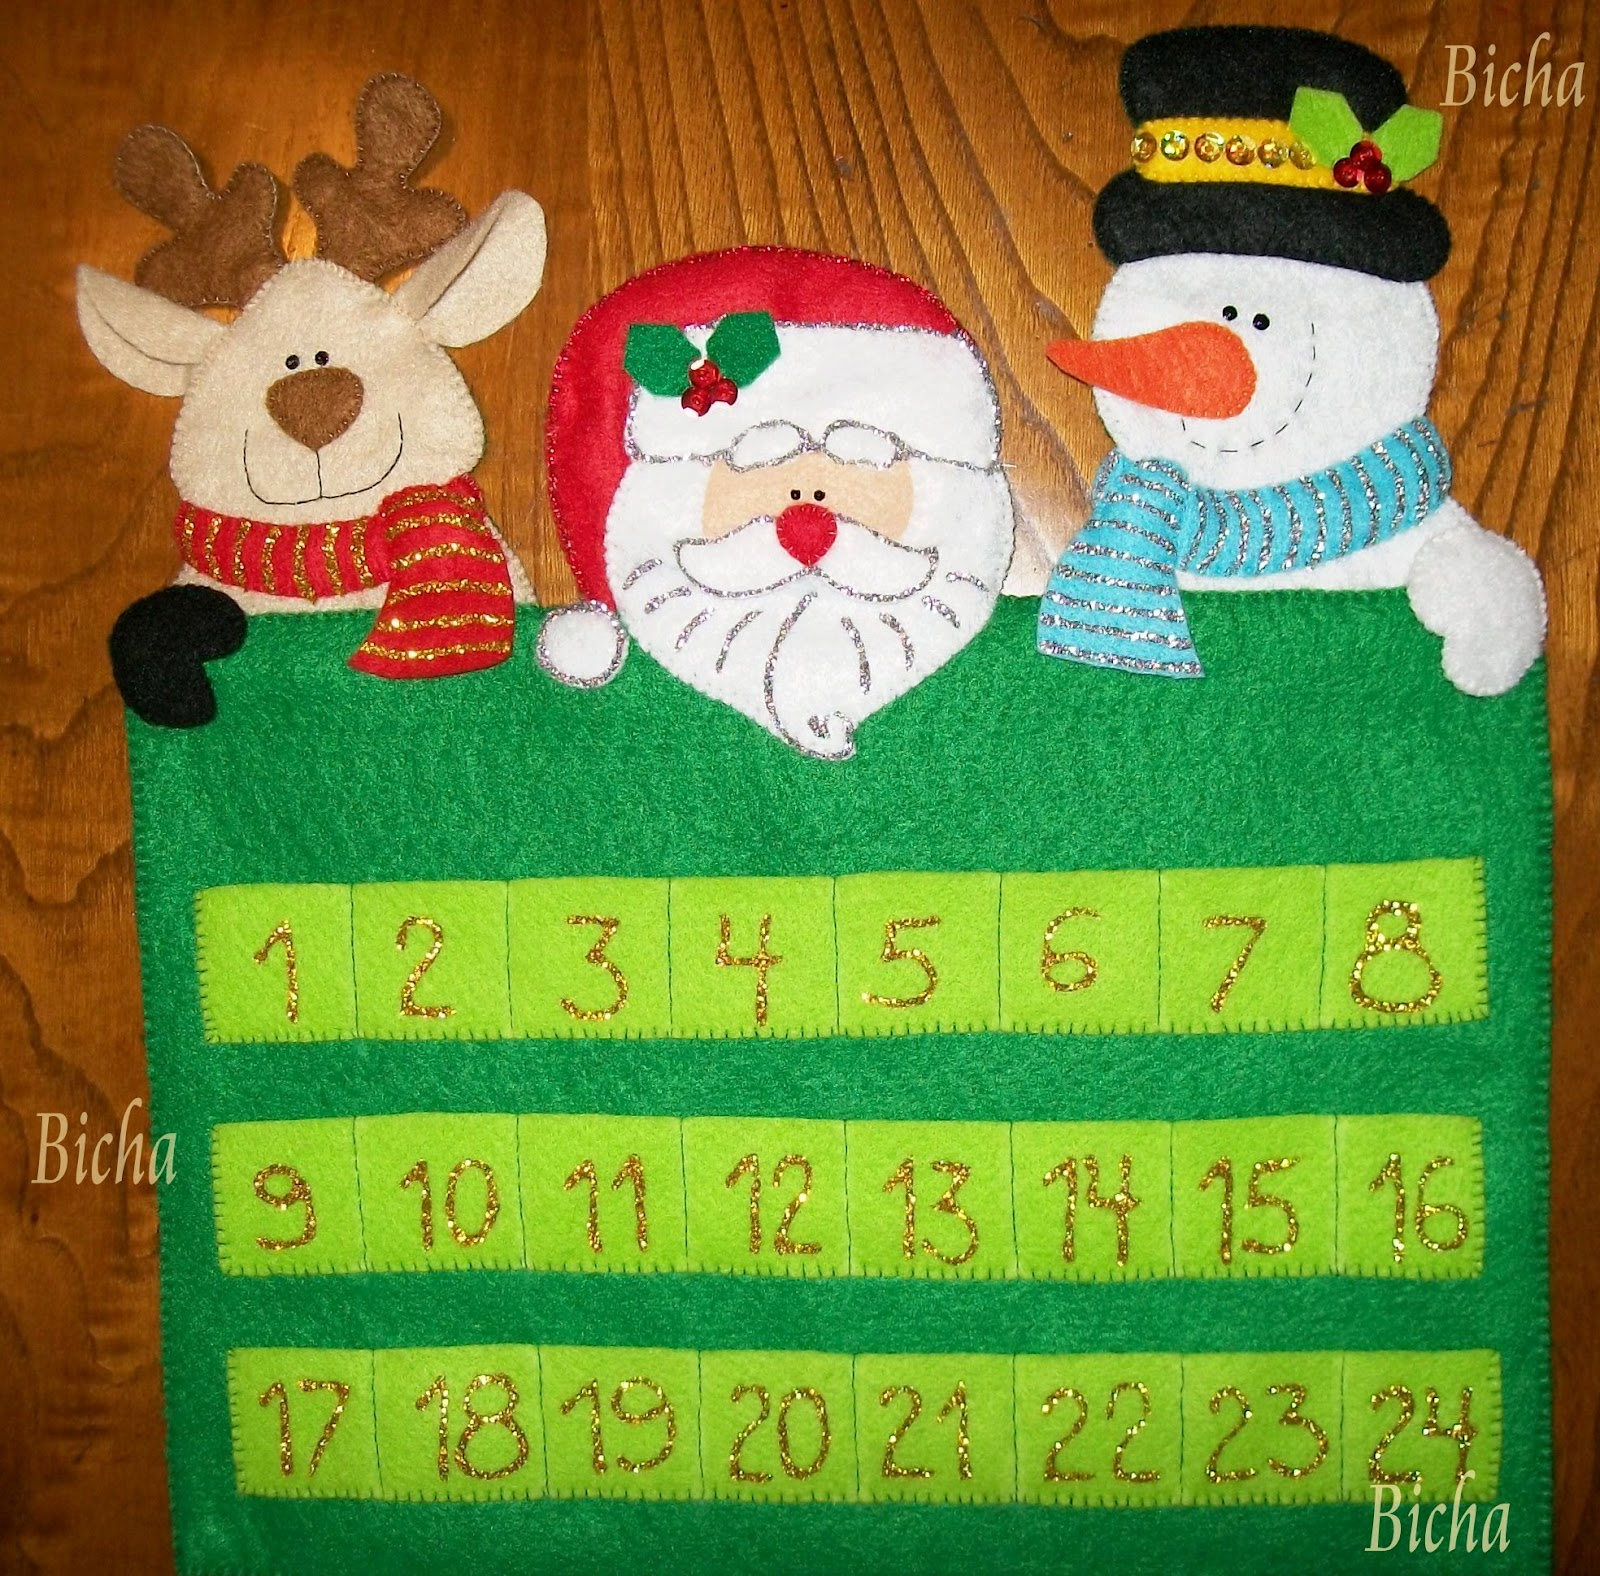 les dejo ahora algunos calendarios de adviento espero les gusten